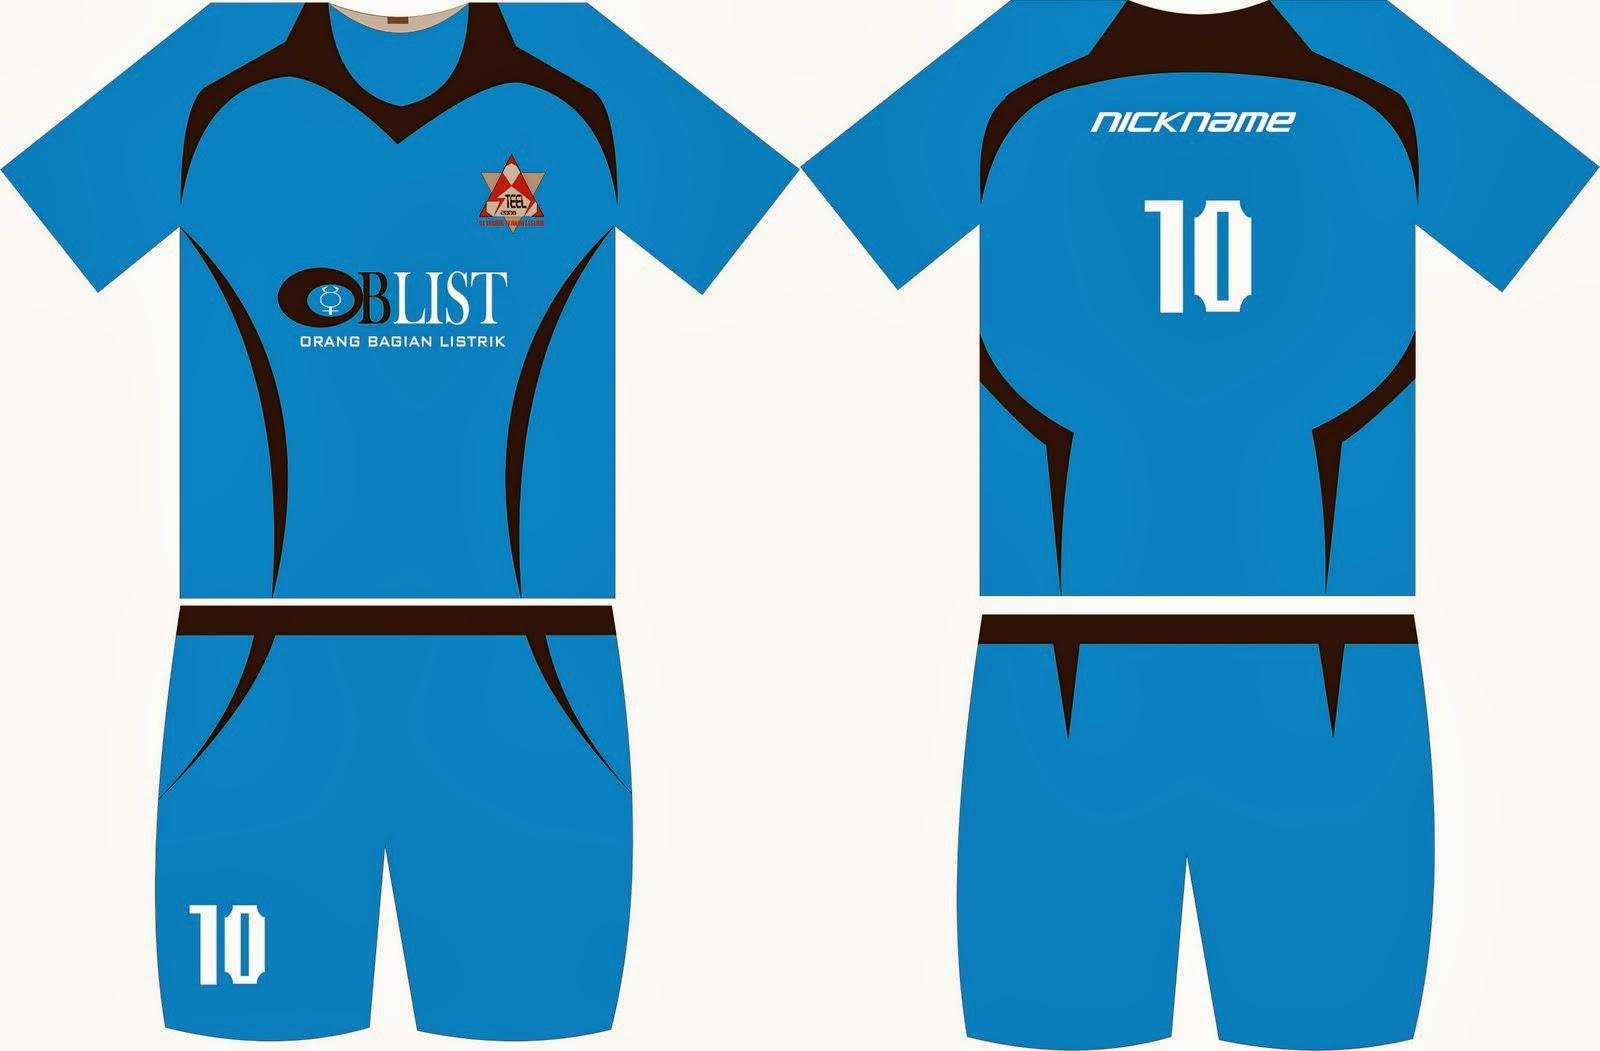 ... memesan sesuai dengan contoh desain kostum sepak bola terbaru dibawah